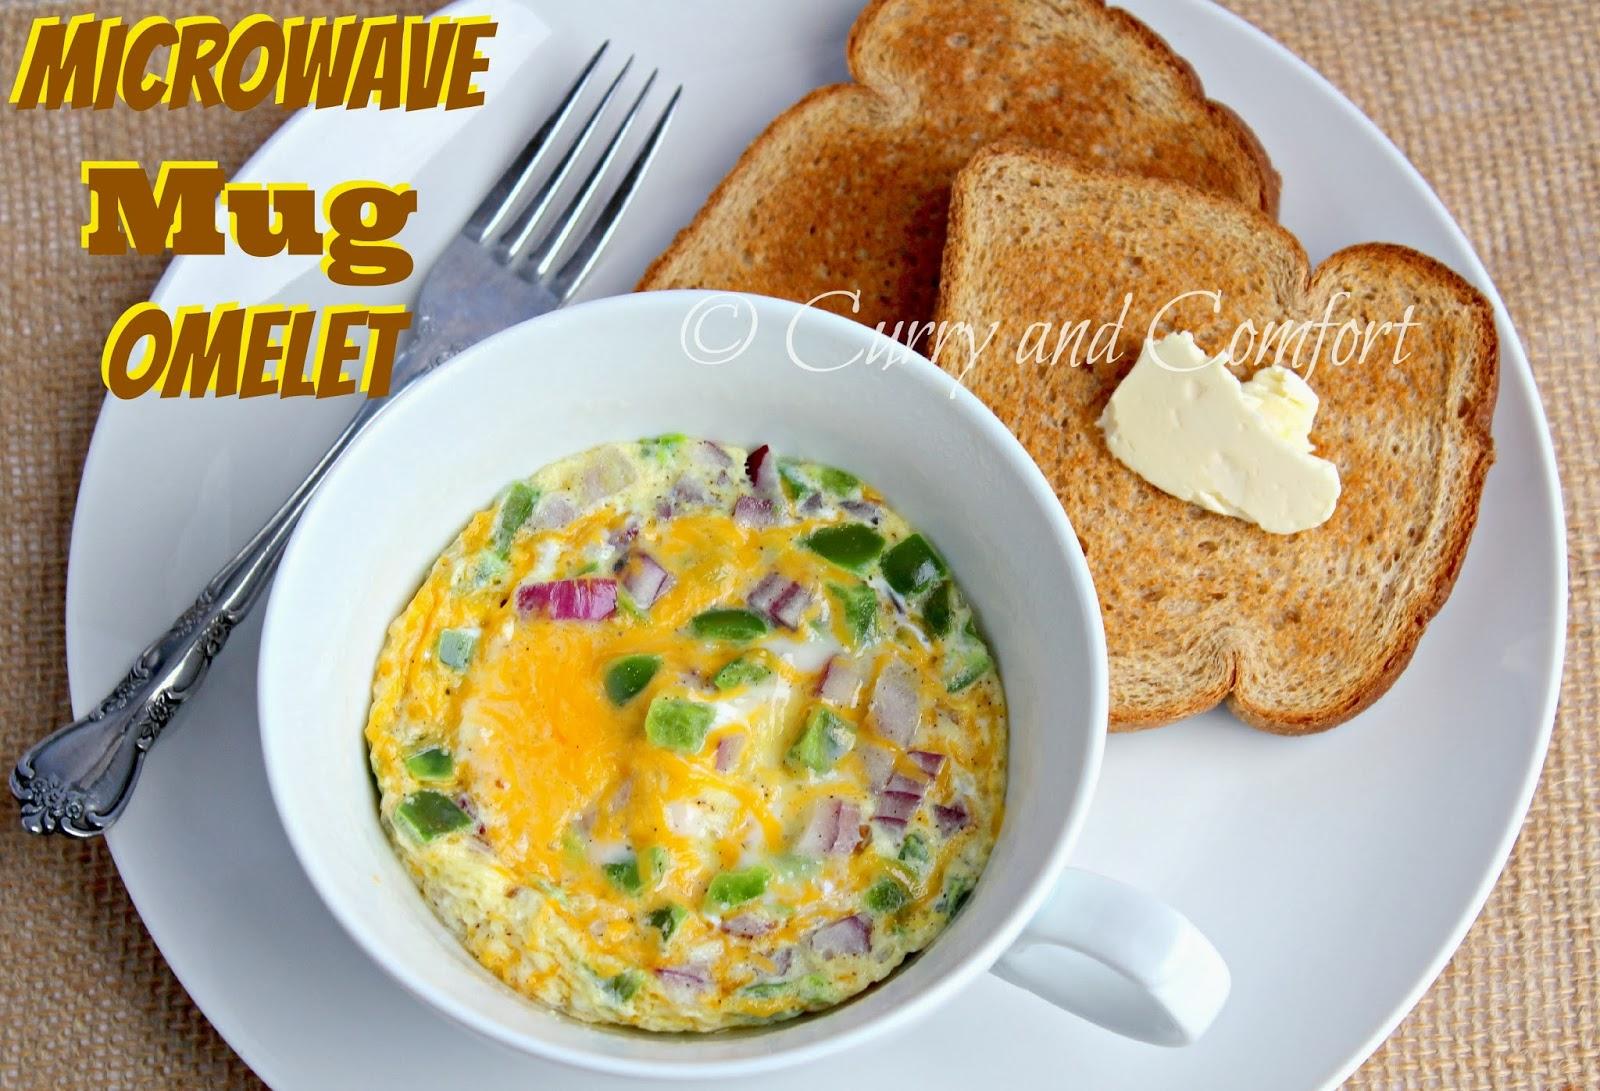 microwave egg omelet maker instructions